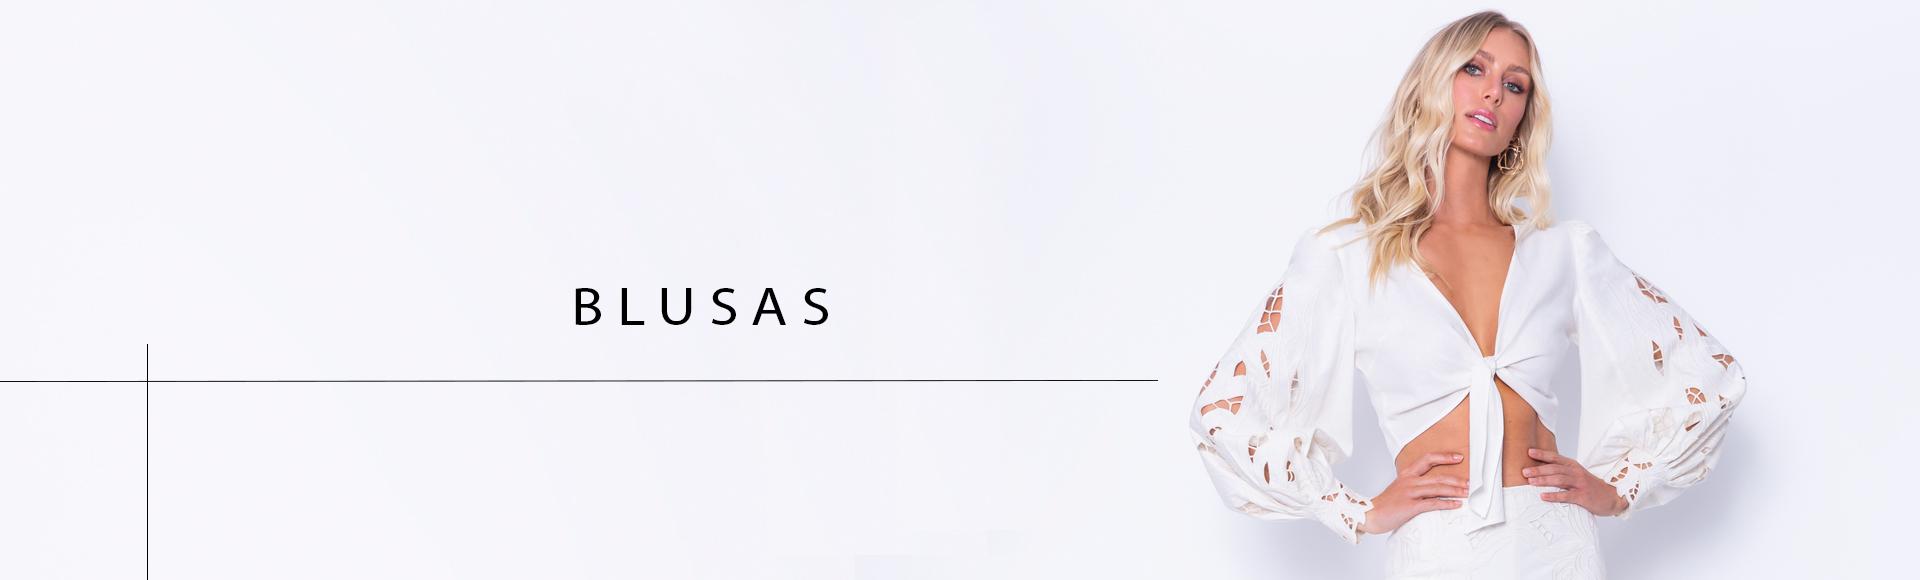 Banner Blusas